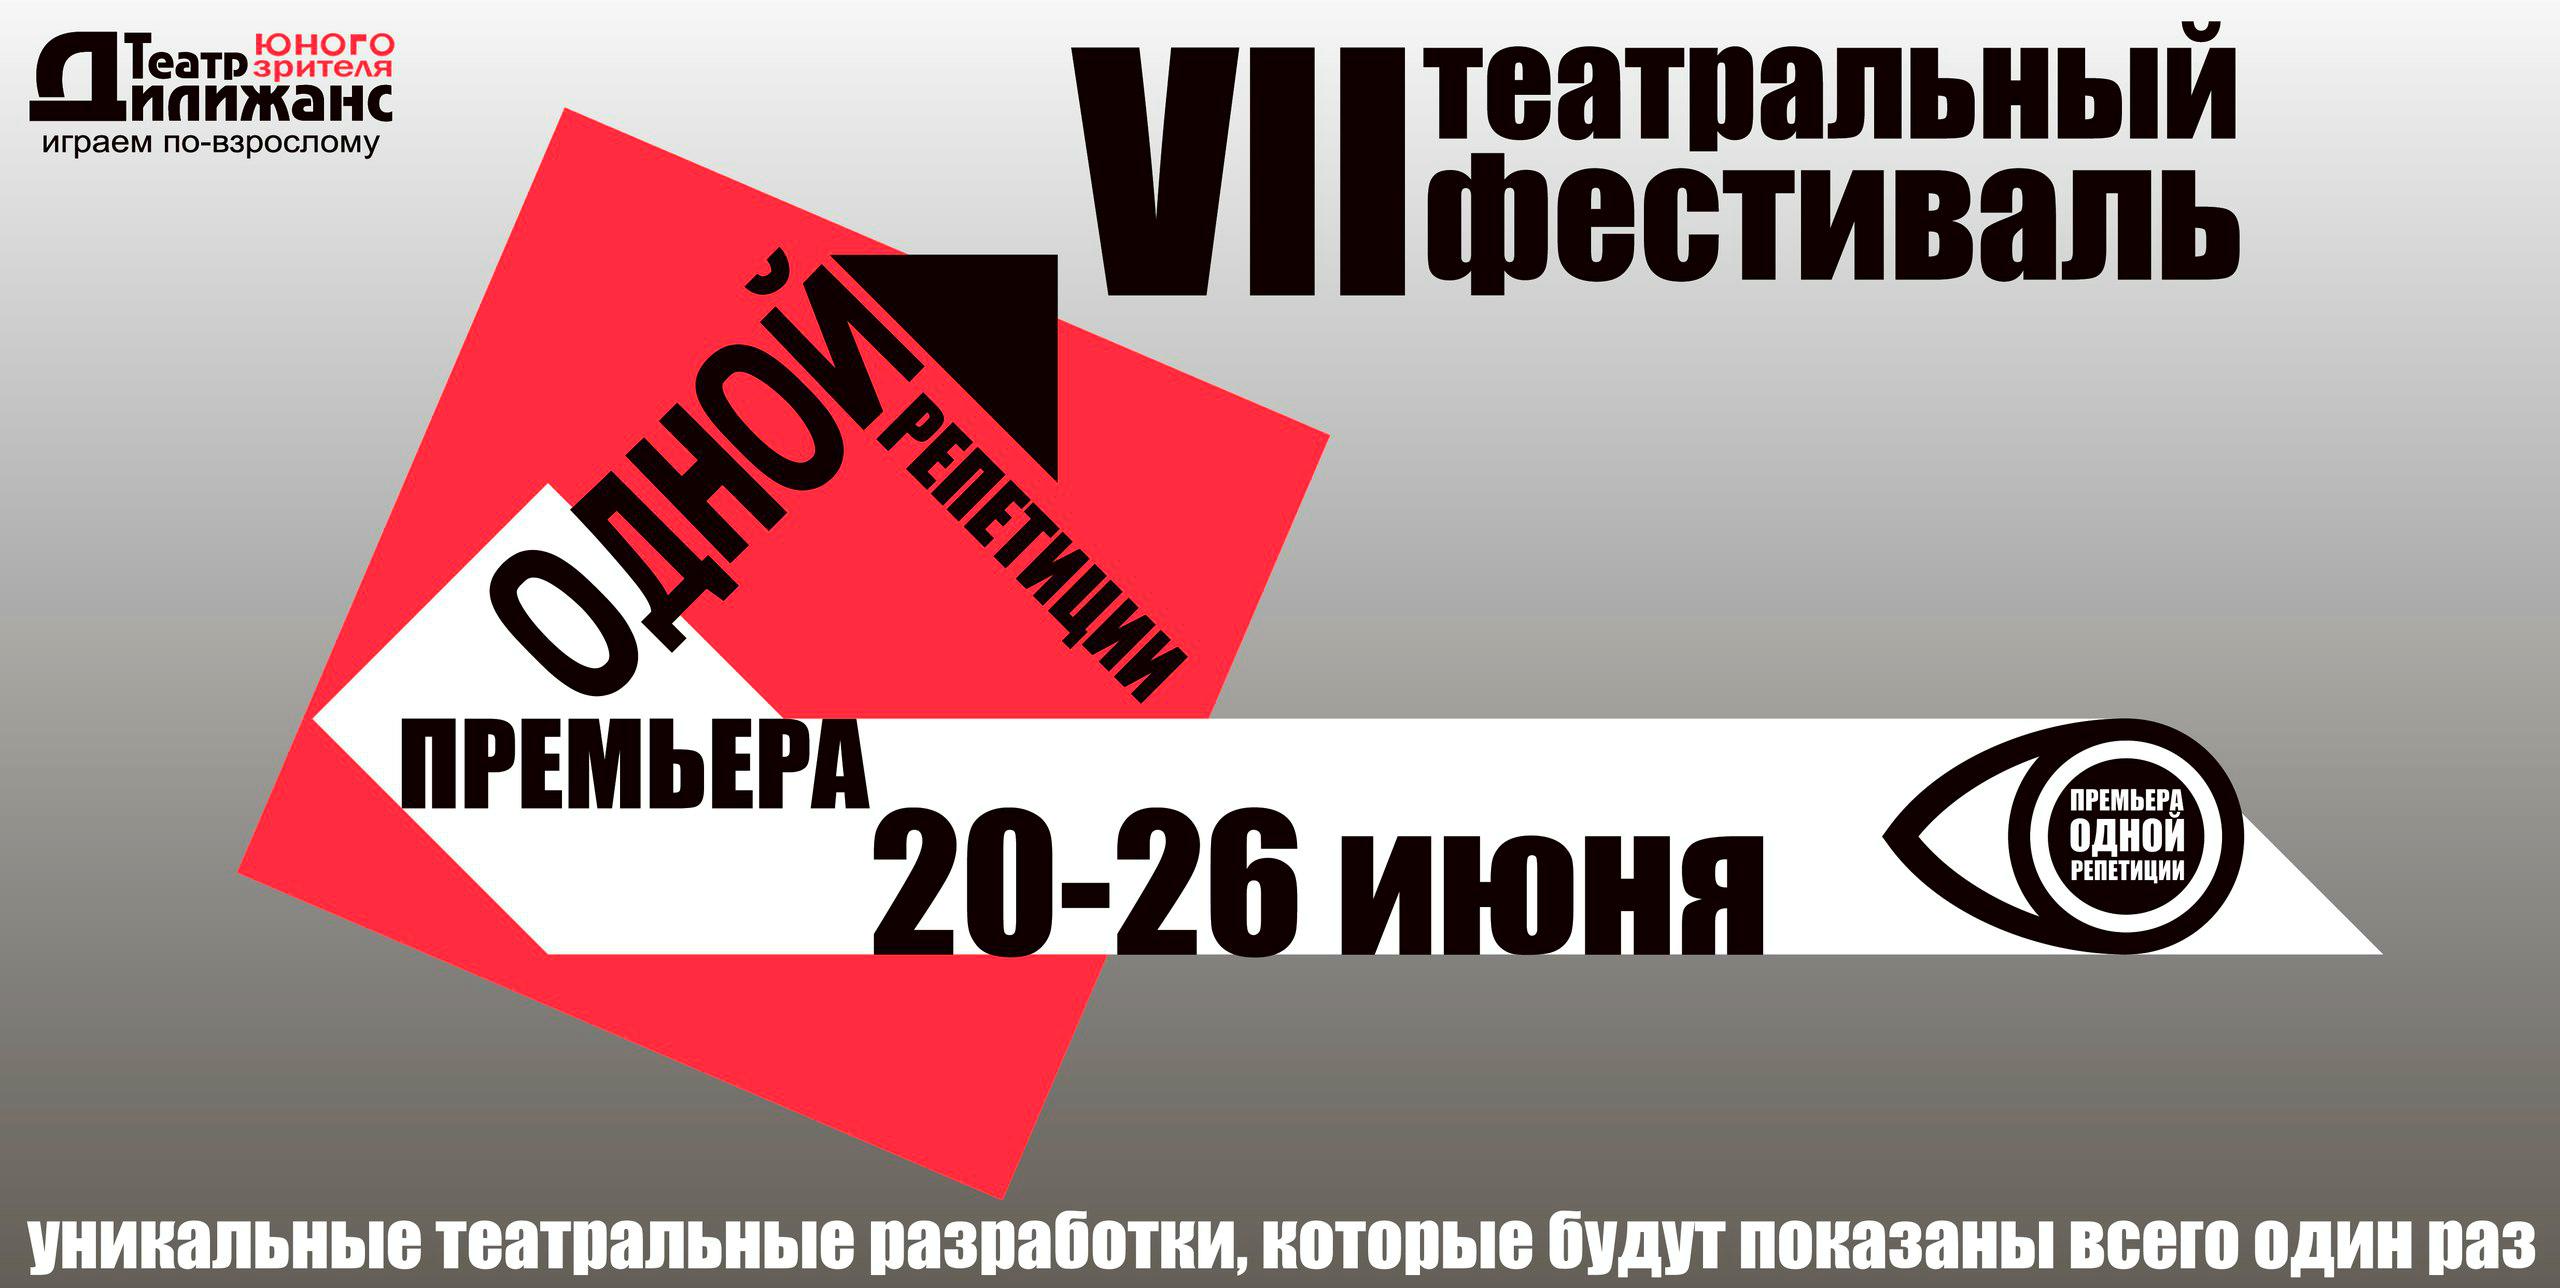 VII фестиваль ПРЕМЬЕРА ОДНОЙ РЕПЕТИЦИИ (20-26 ИЮНЯ 2016)